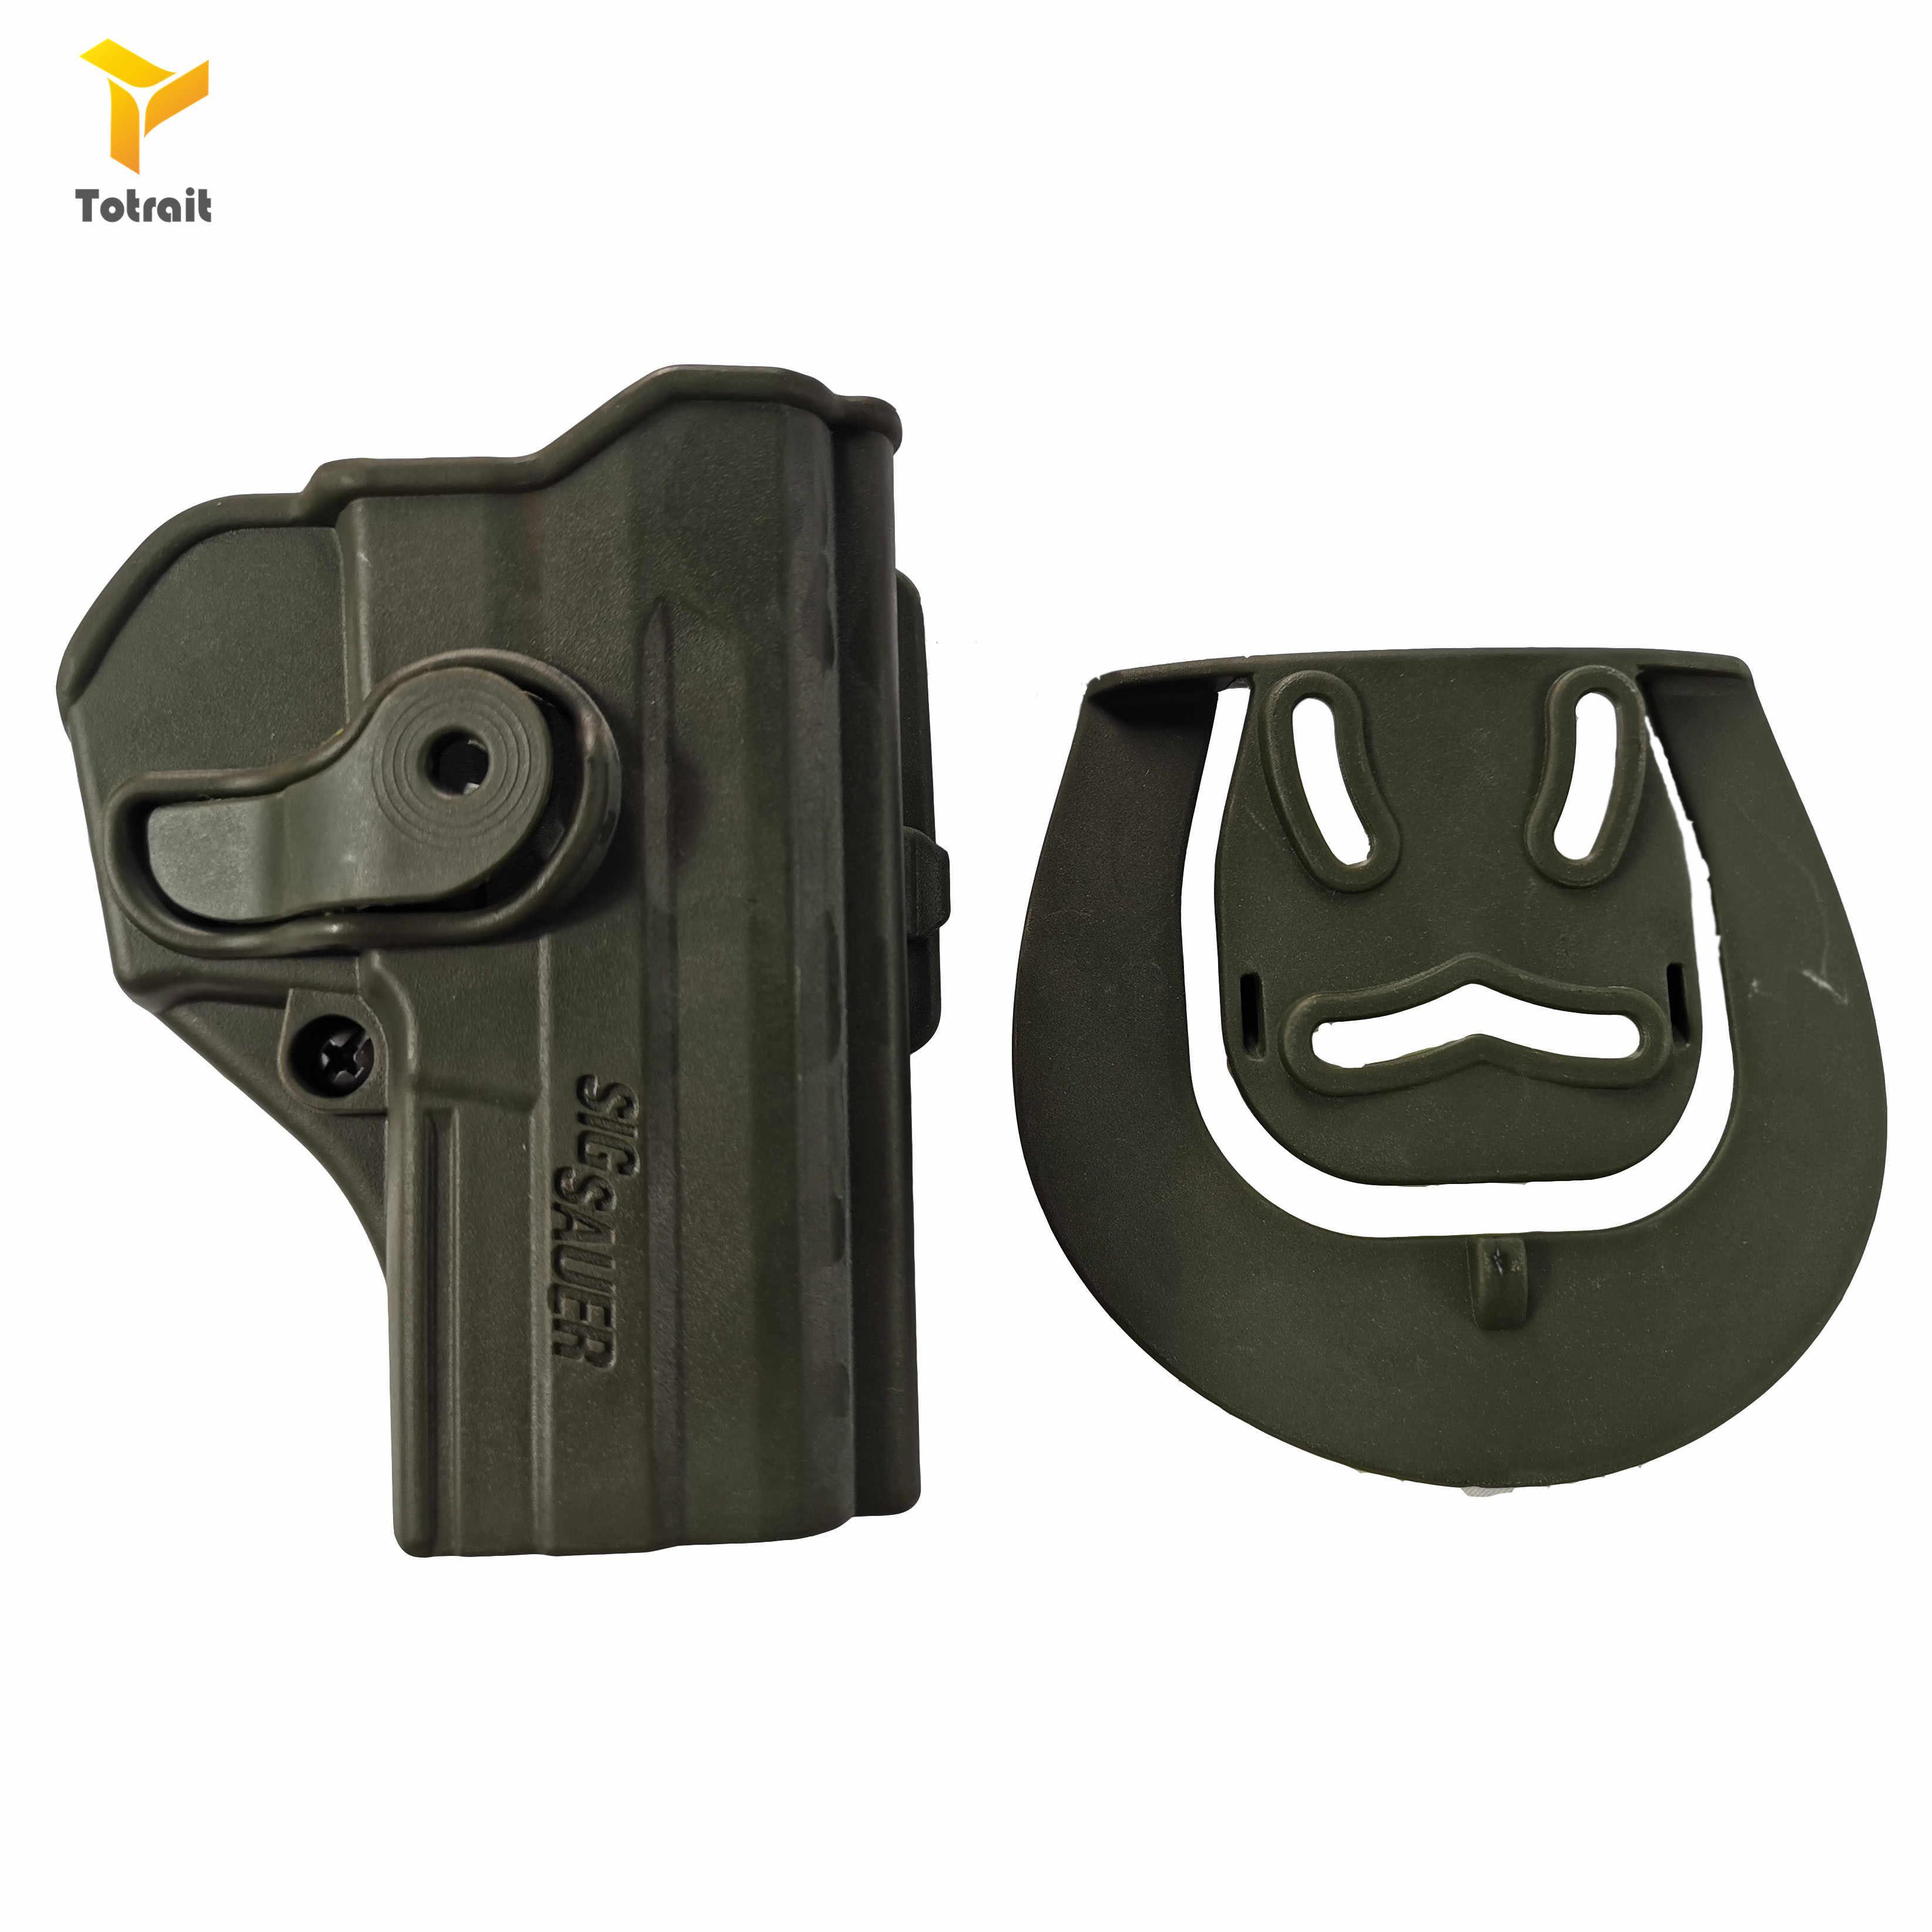 TOtrait CQC kemer tabanca kılıfı aksesuarları SIG Sauer P2022 sağ el taktik tutucu tabanca kılıfı kemer adaptörü